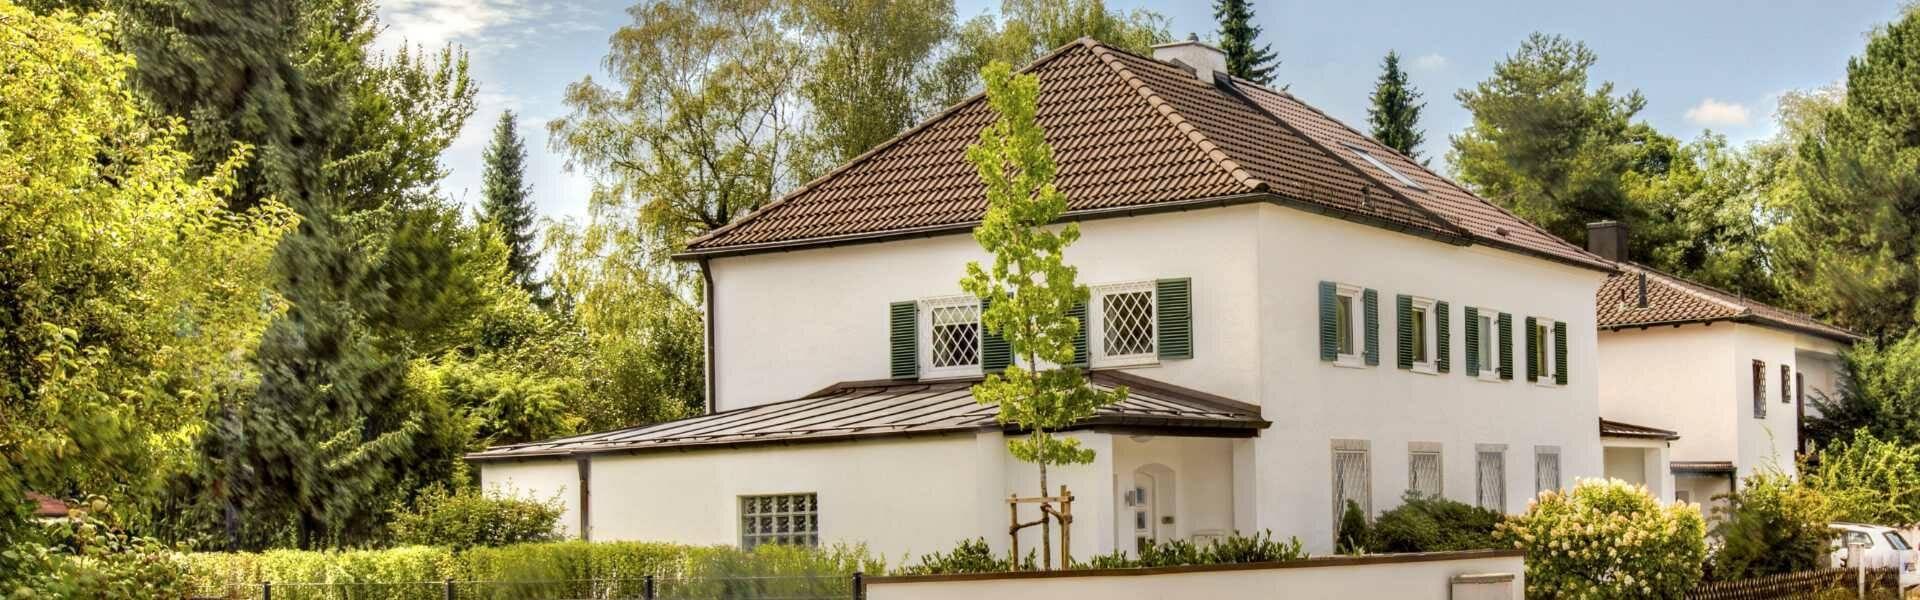 Angebotspreis Immobilienverkauf